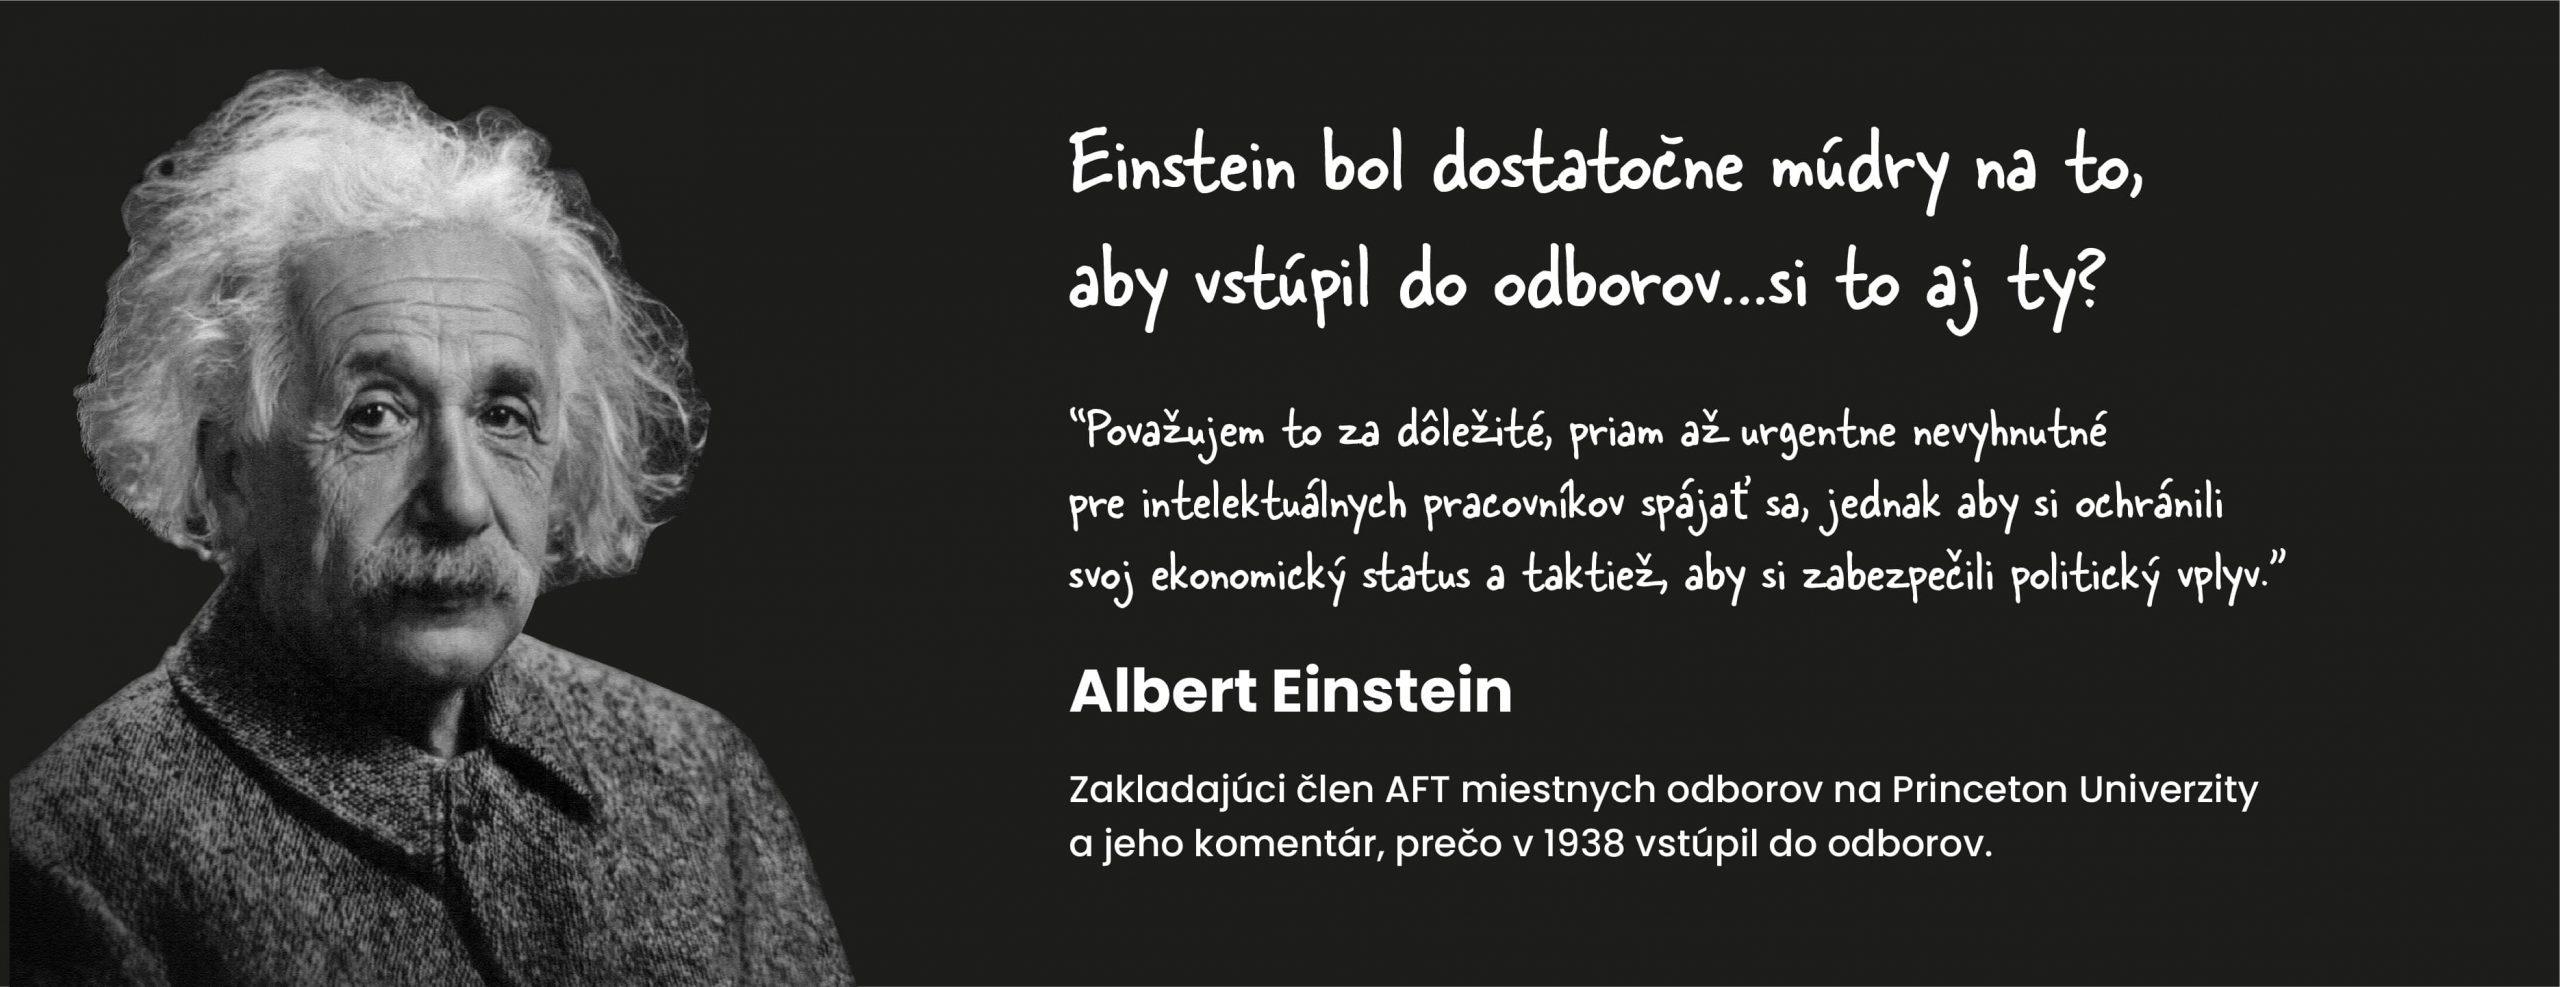 albert-einstein-1-01-01